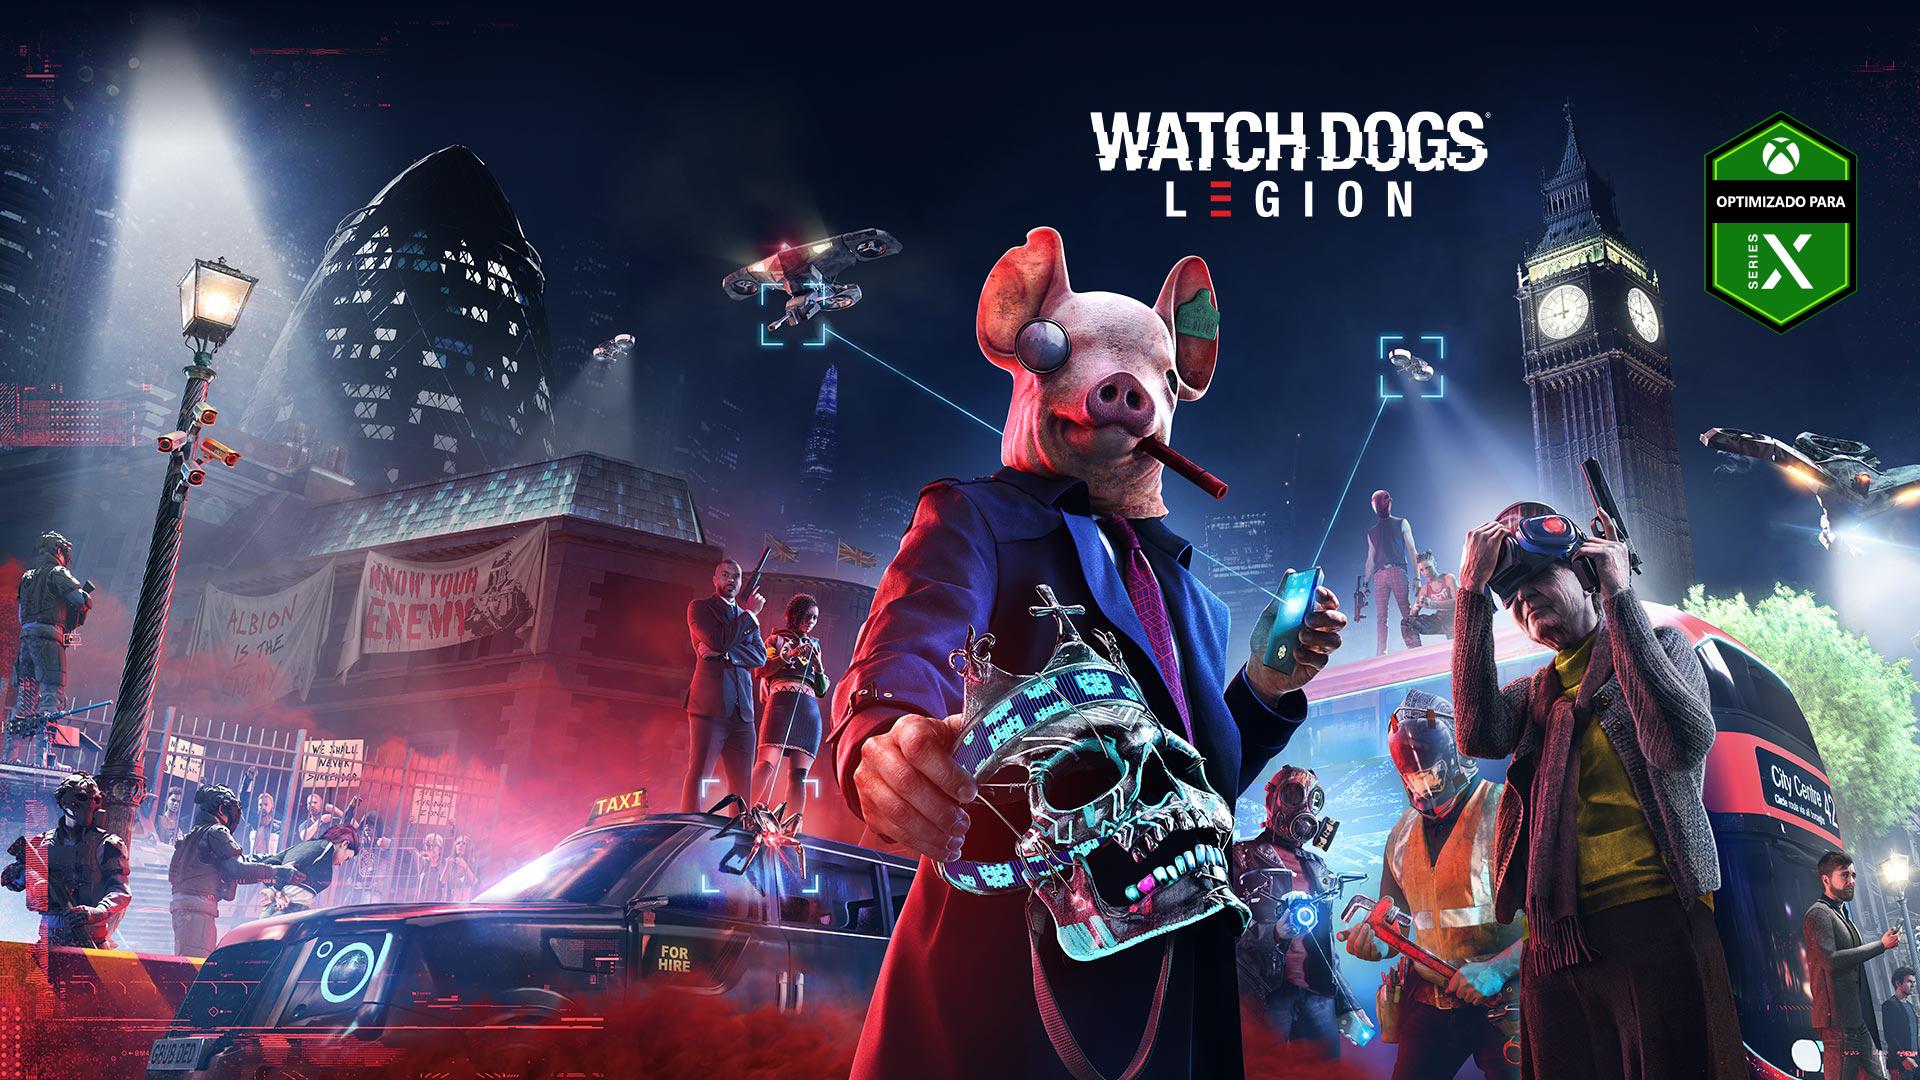 Insignia de Optimizado para Series X, logotipo de Watch Dogs Legion, persona con una máscara de chancho sosteniendo una calavera, dos drones, Big Ben y otros personajes con armas